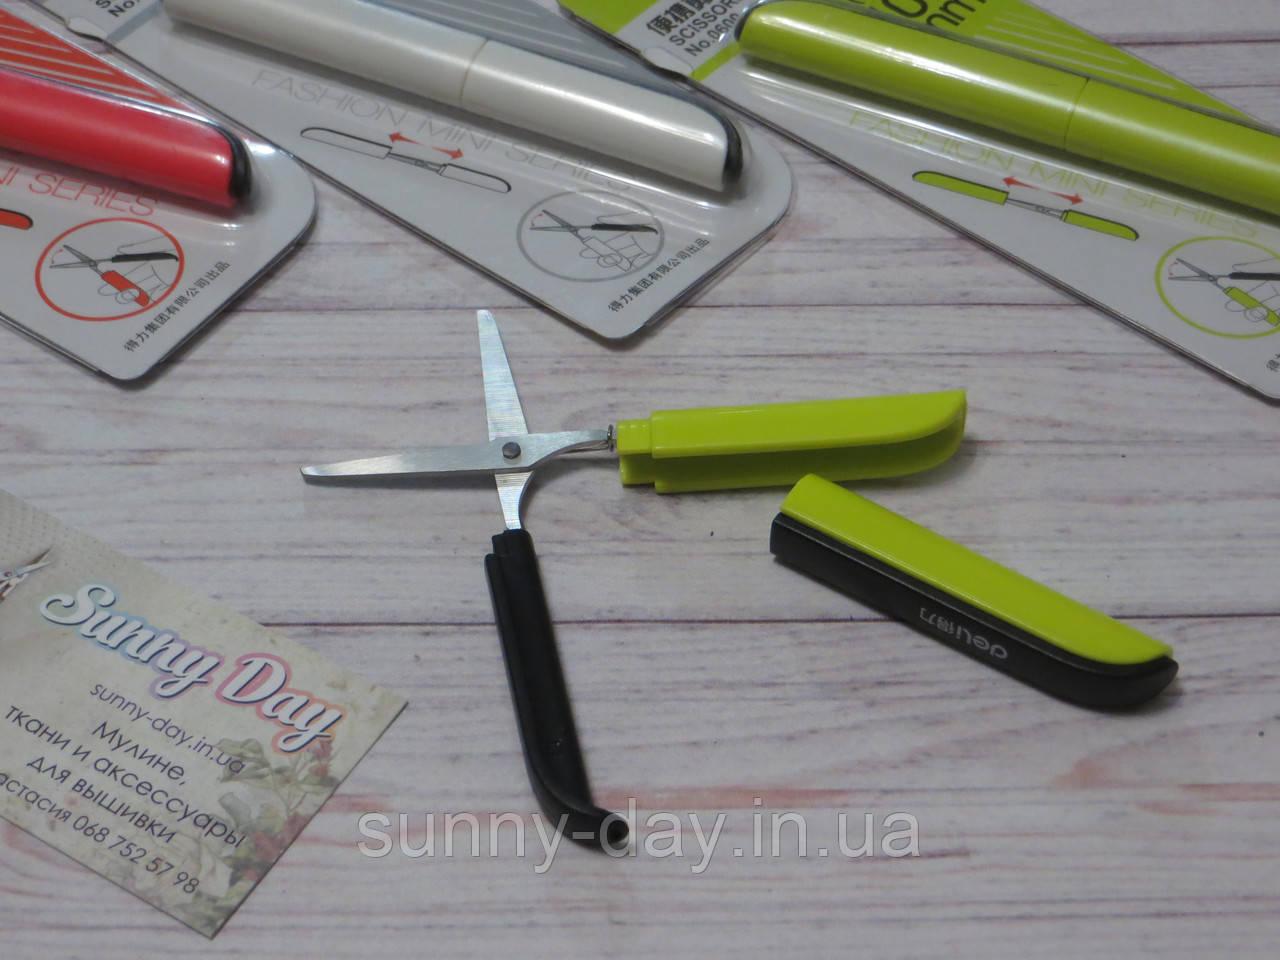 Ножиці для рукоділля дорожні (складні)